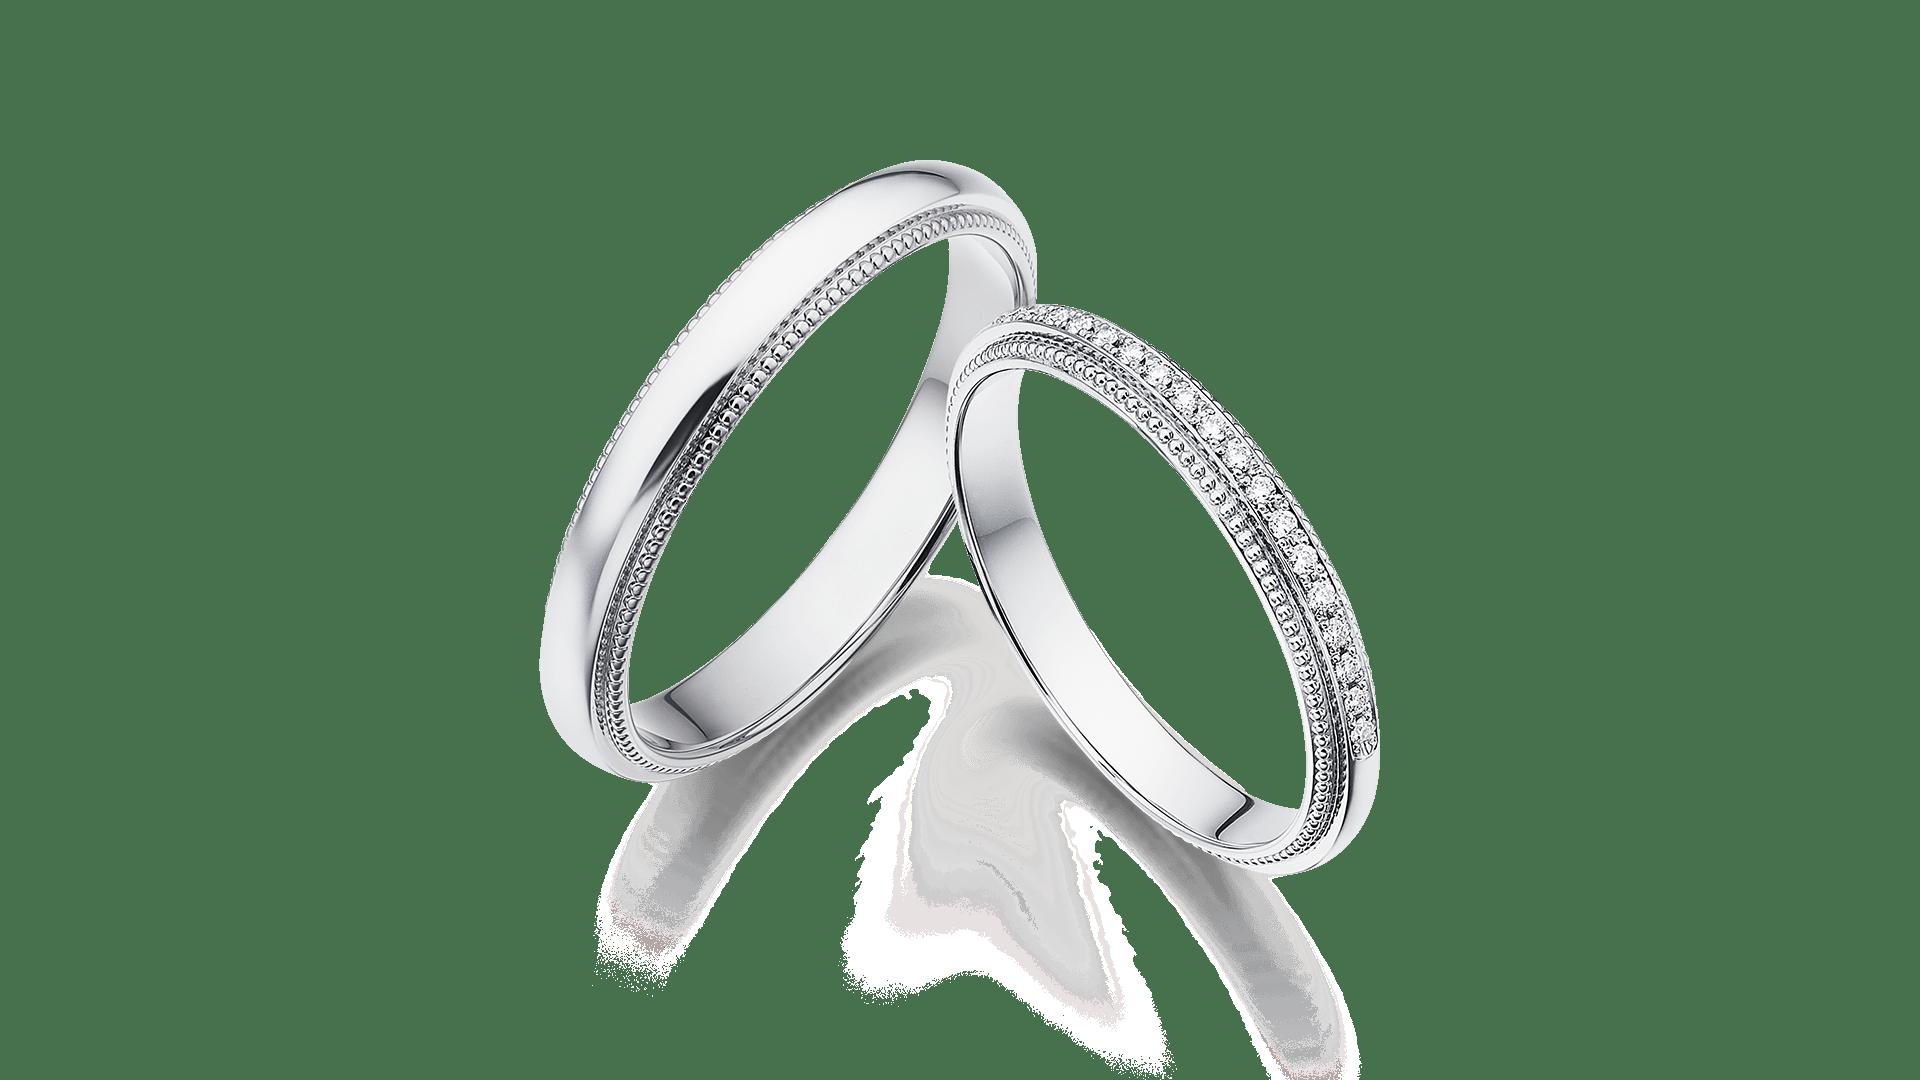 helios 18LD ヘリオス18LD | 結婚指輪サムネイル 2